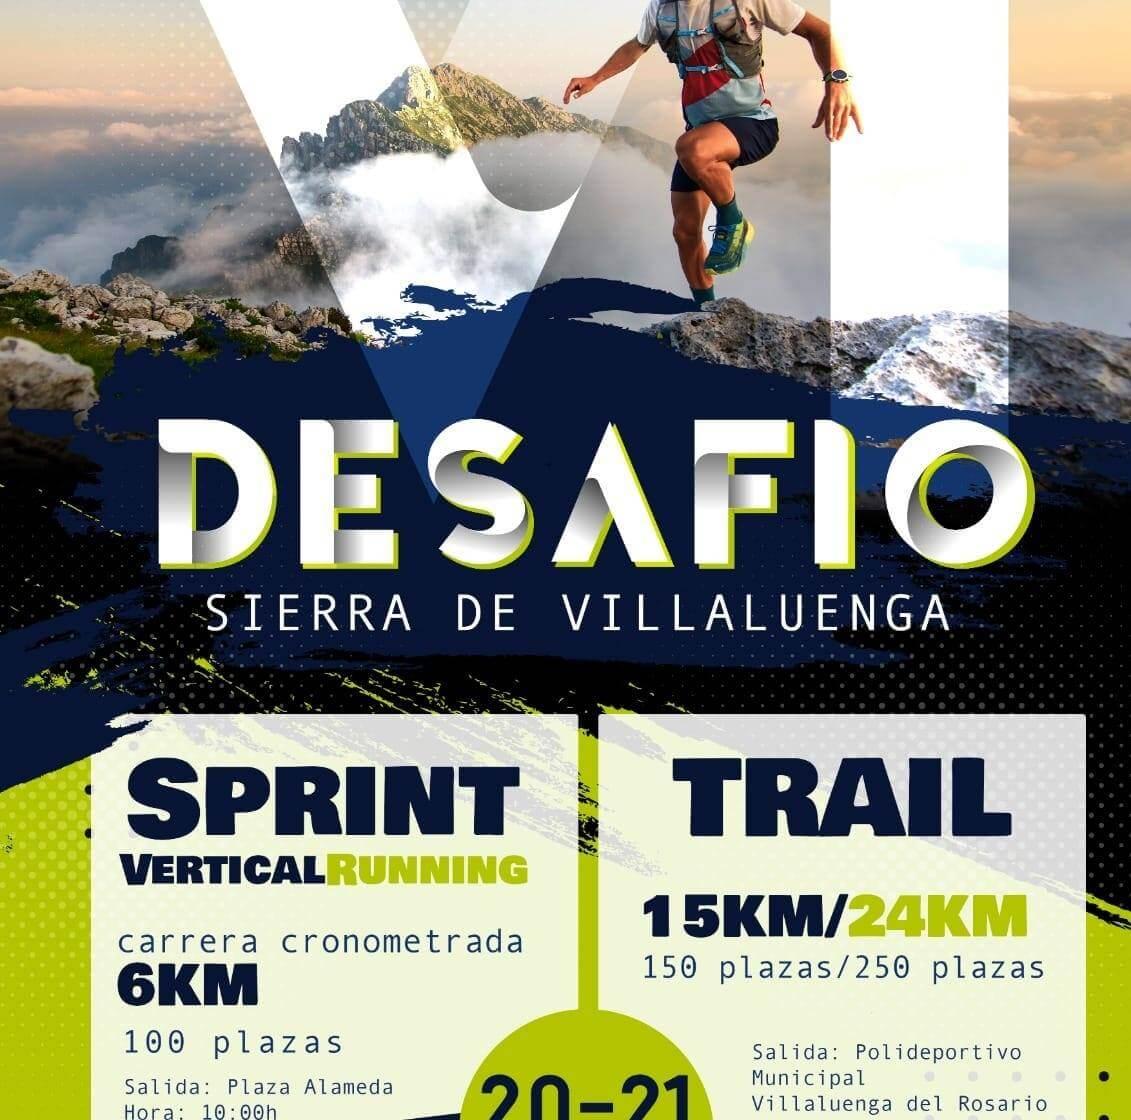 Sprint Vertical Running